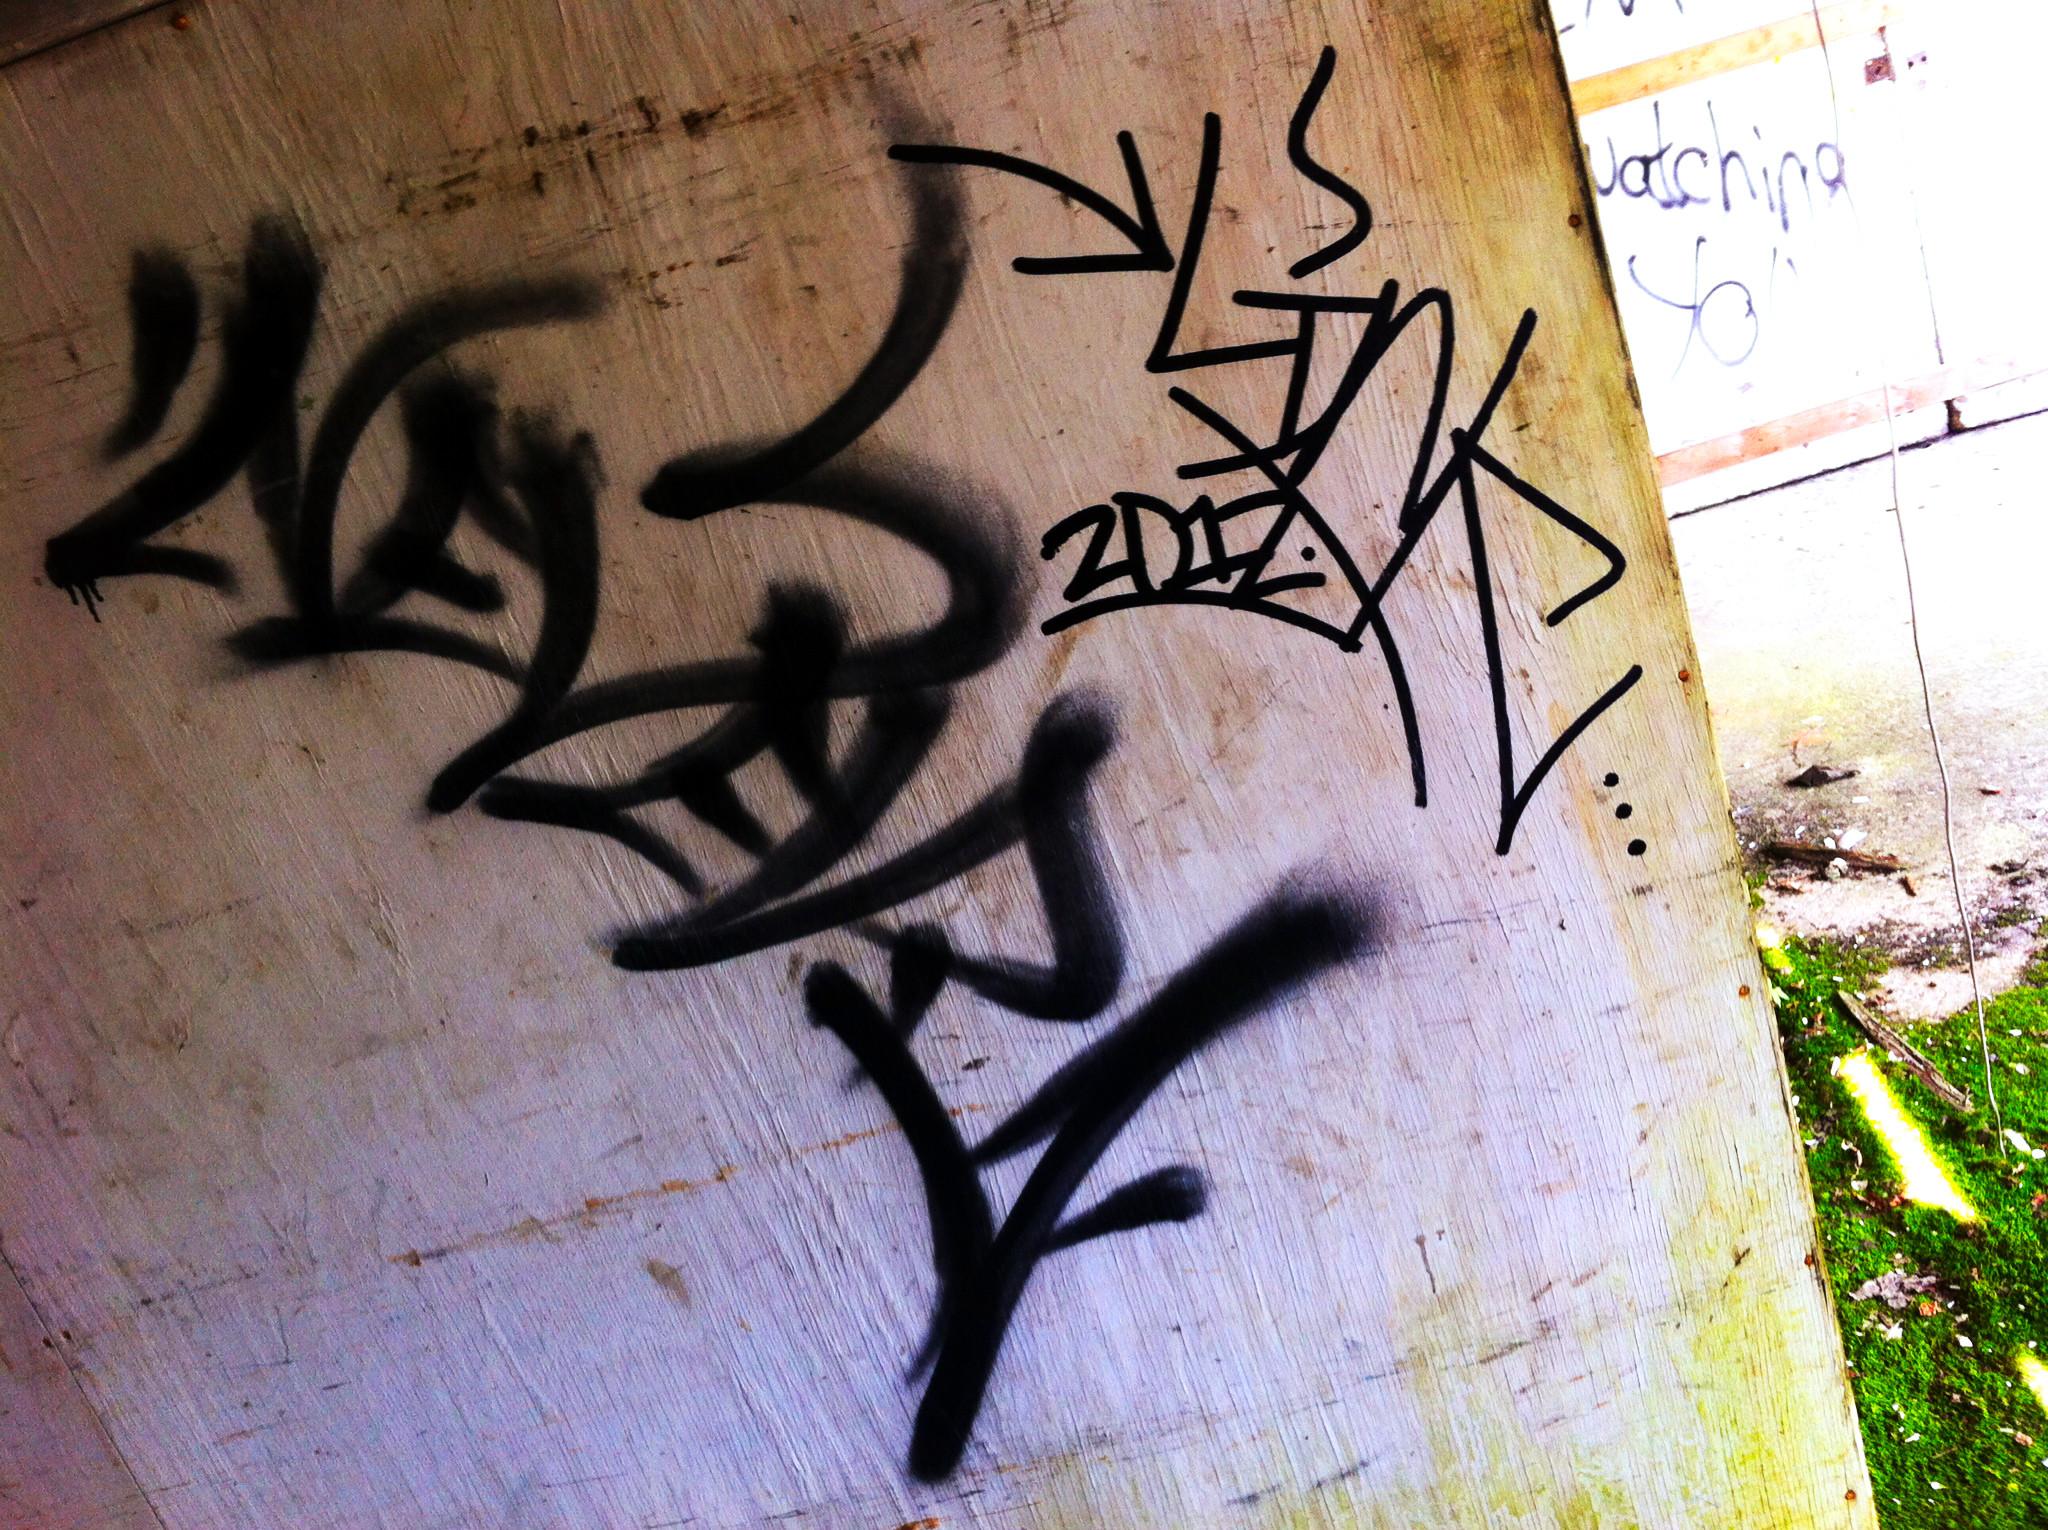 ai.imgur.com_ouKRuF7.jpg